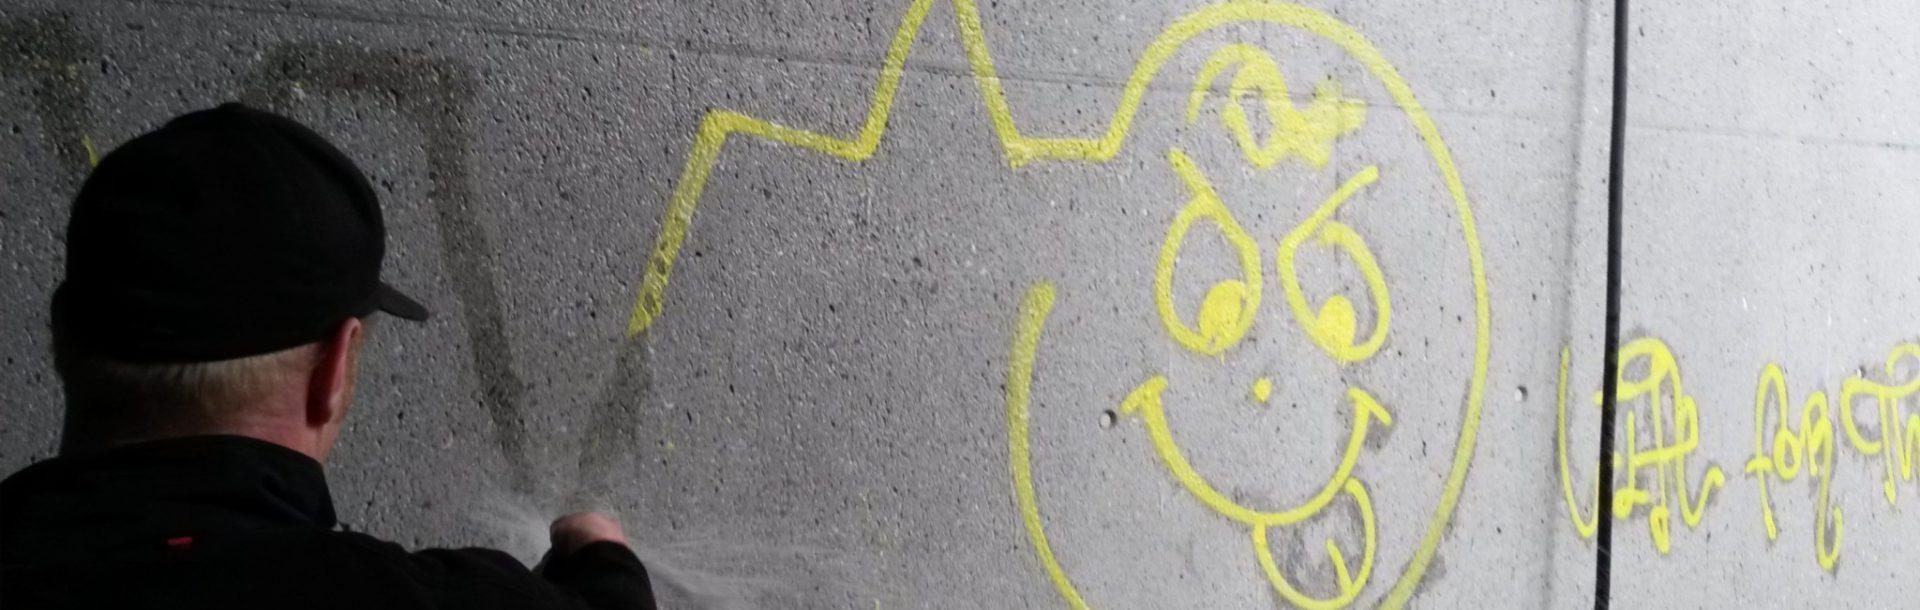 Graffitientfernung / Graffitischutz